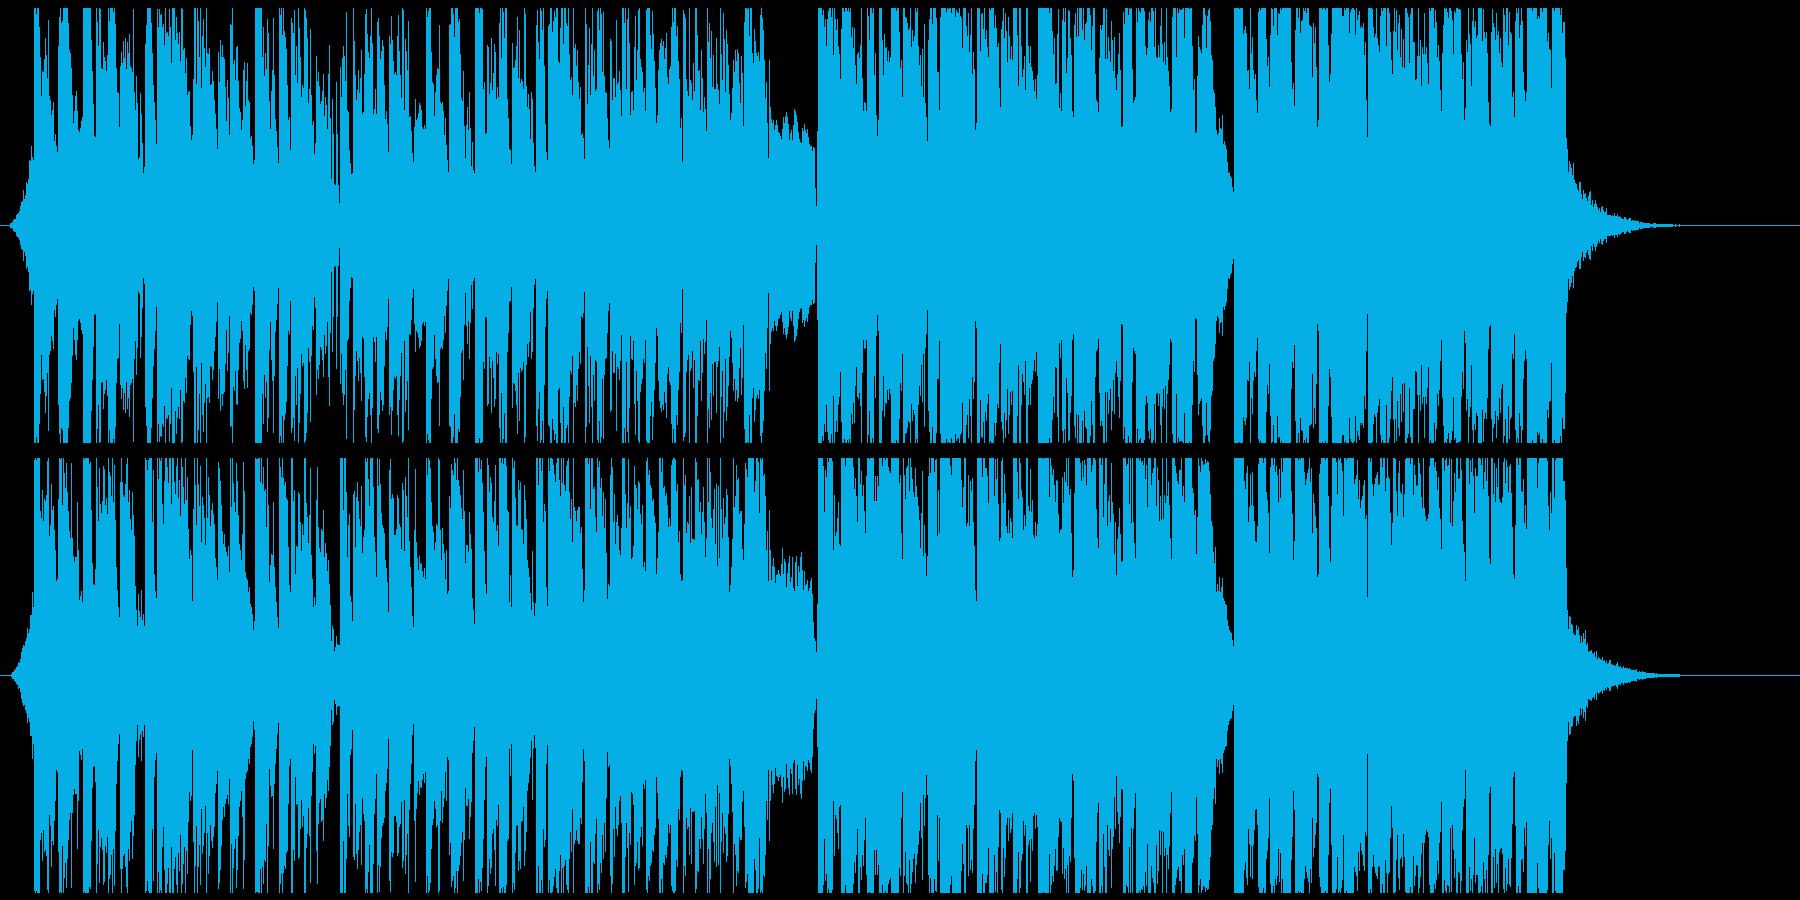 ジングル - kawaiiの再生済みの波形